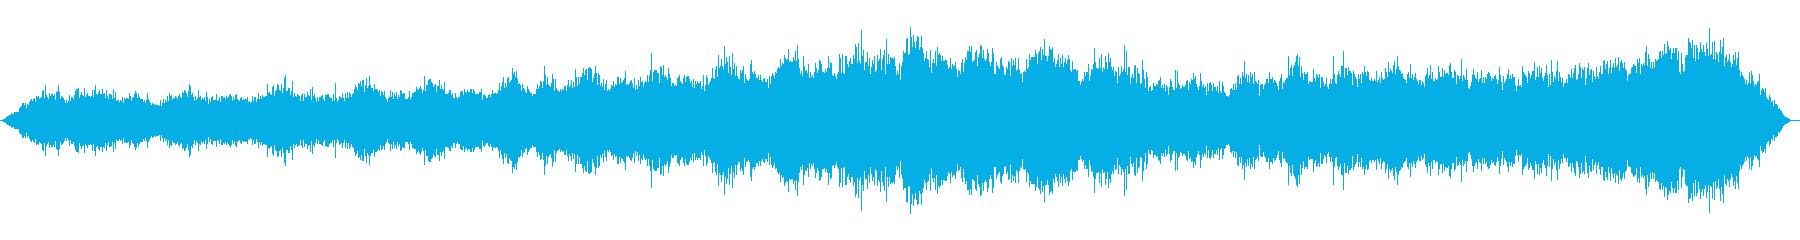 一定の円形フロアポリッシャーブラシ...の再生済みの波形